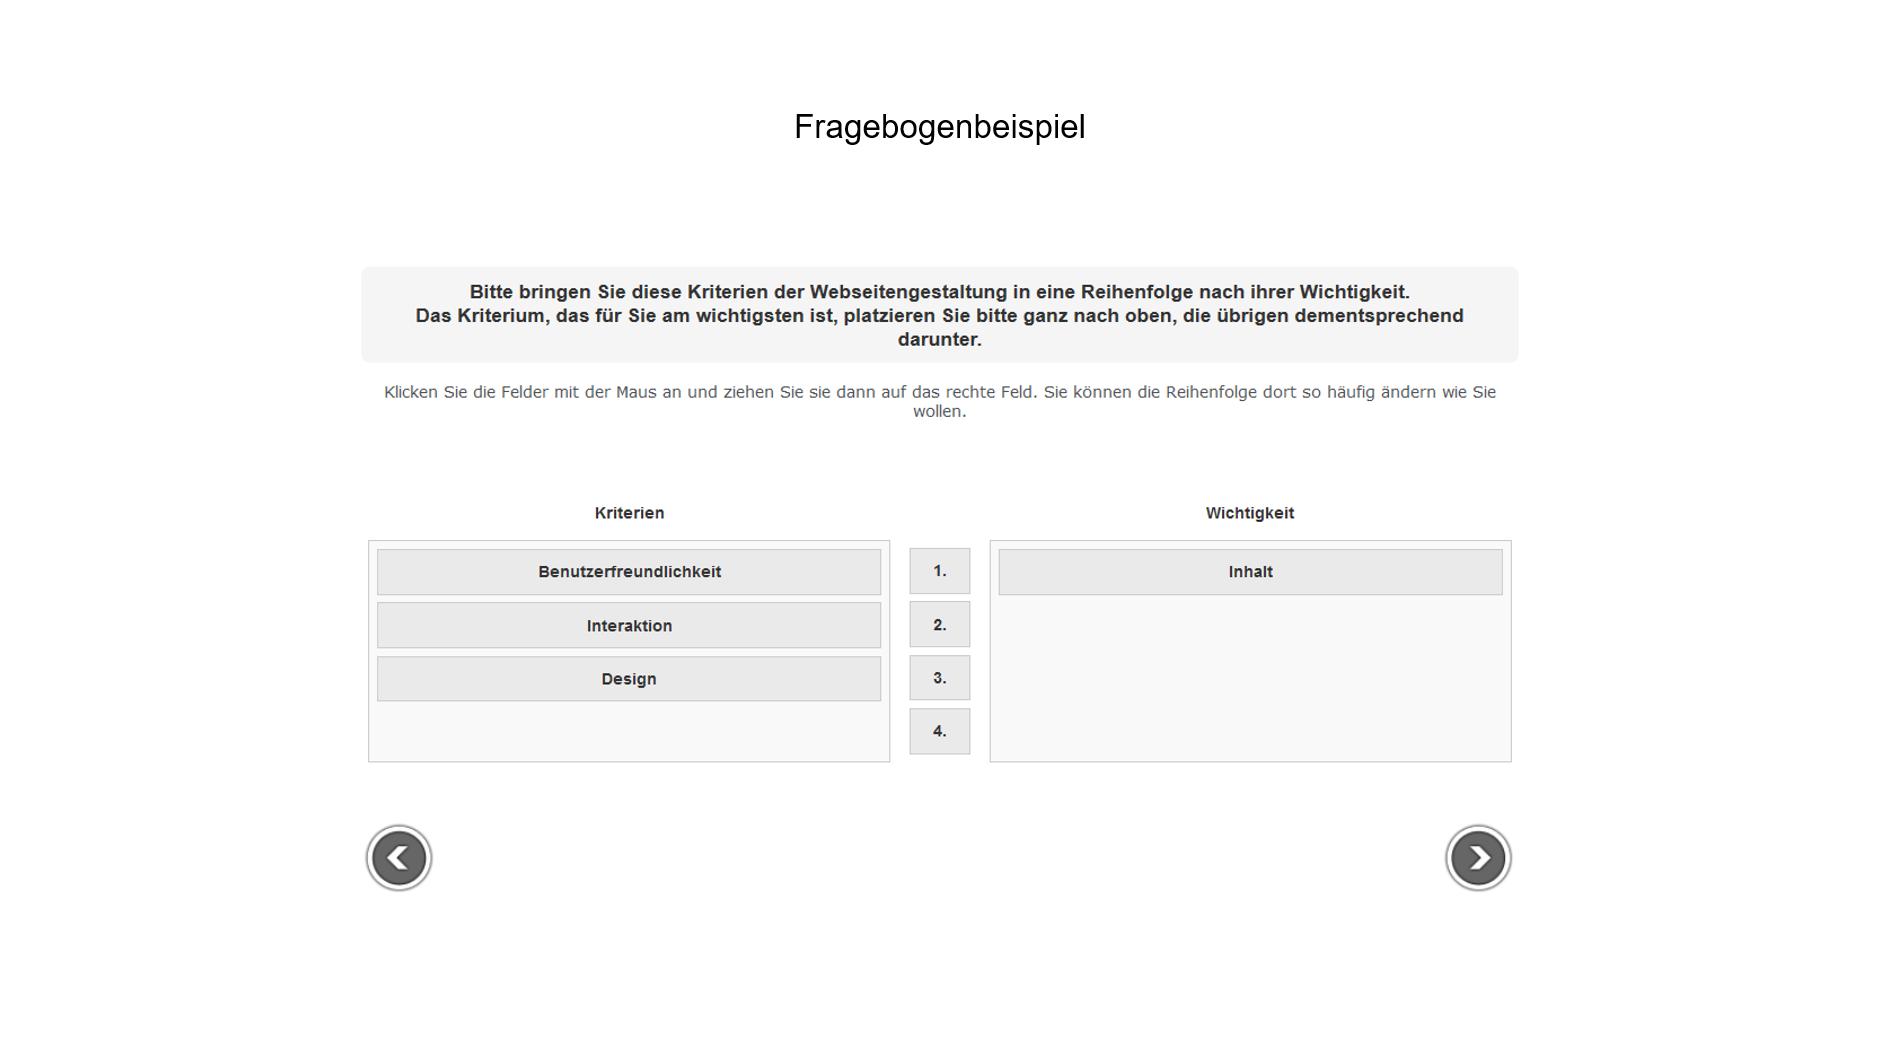 Fragebogenprogrammierung Beispiel Websitengestaltung